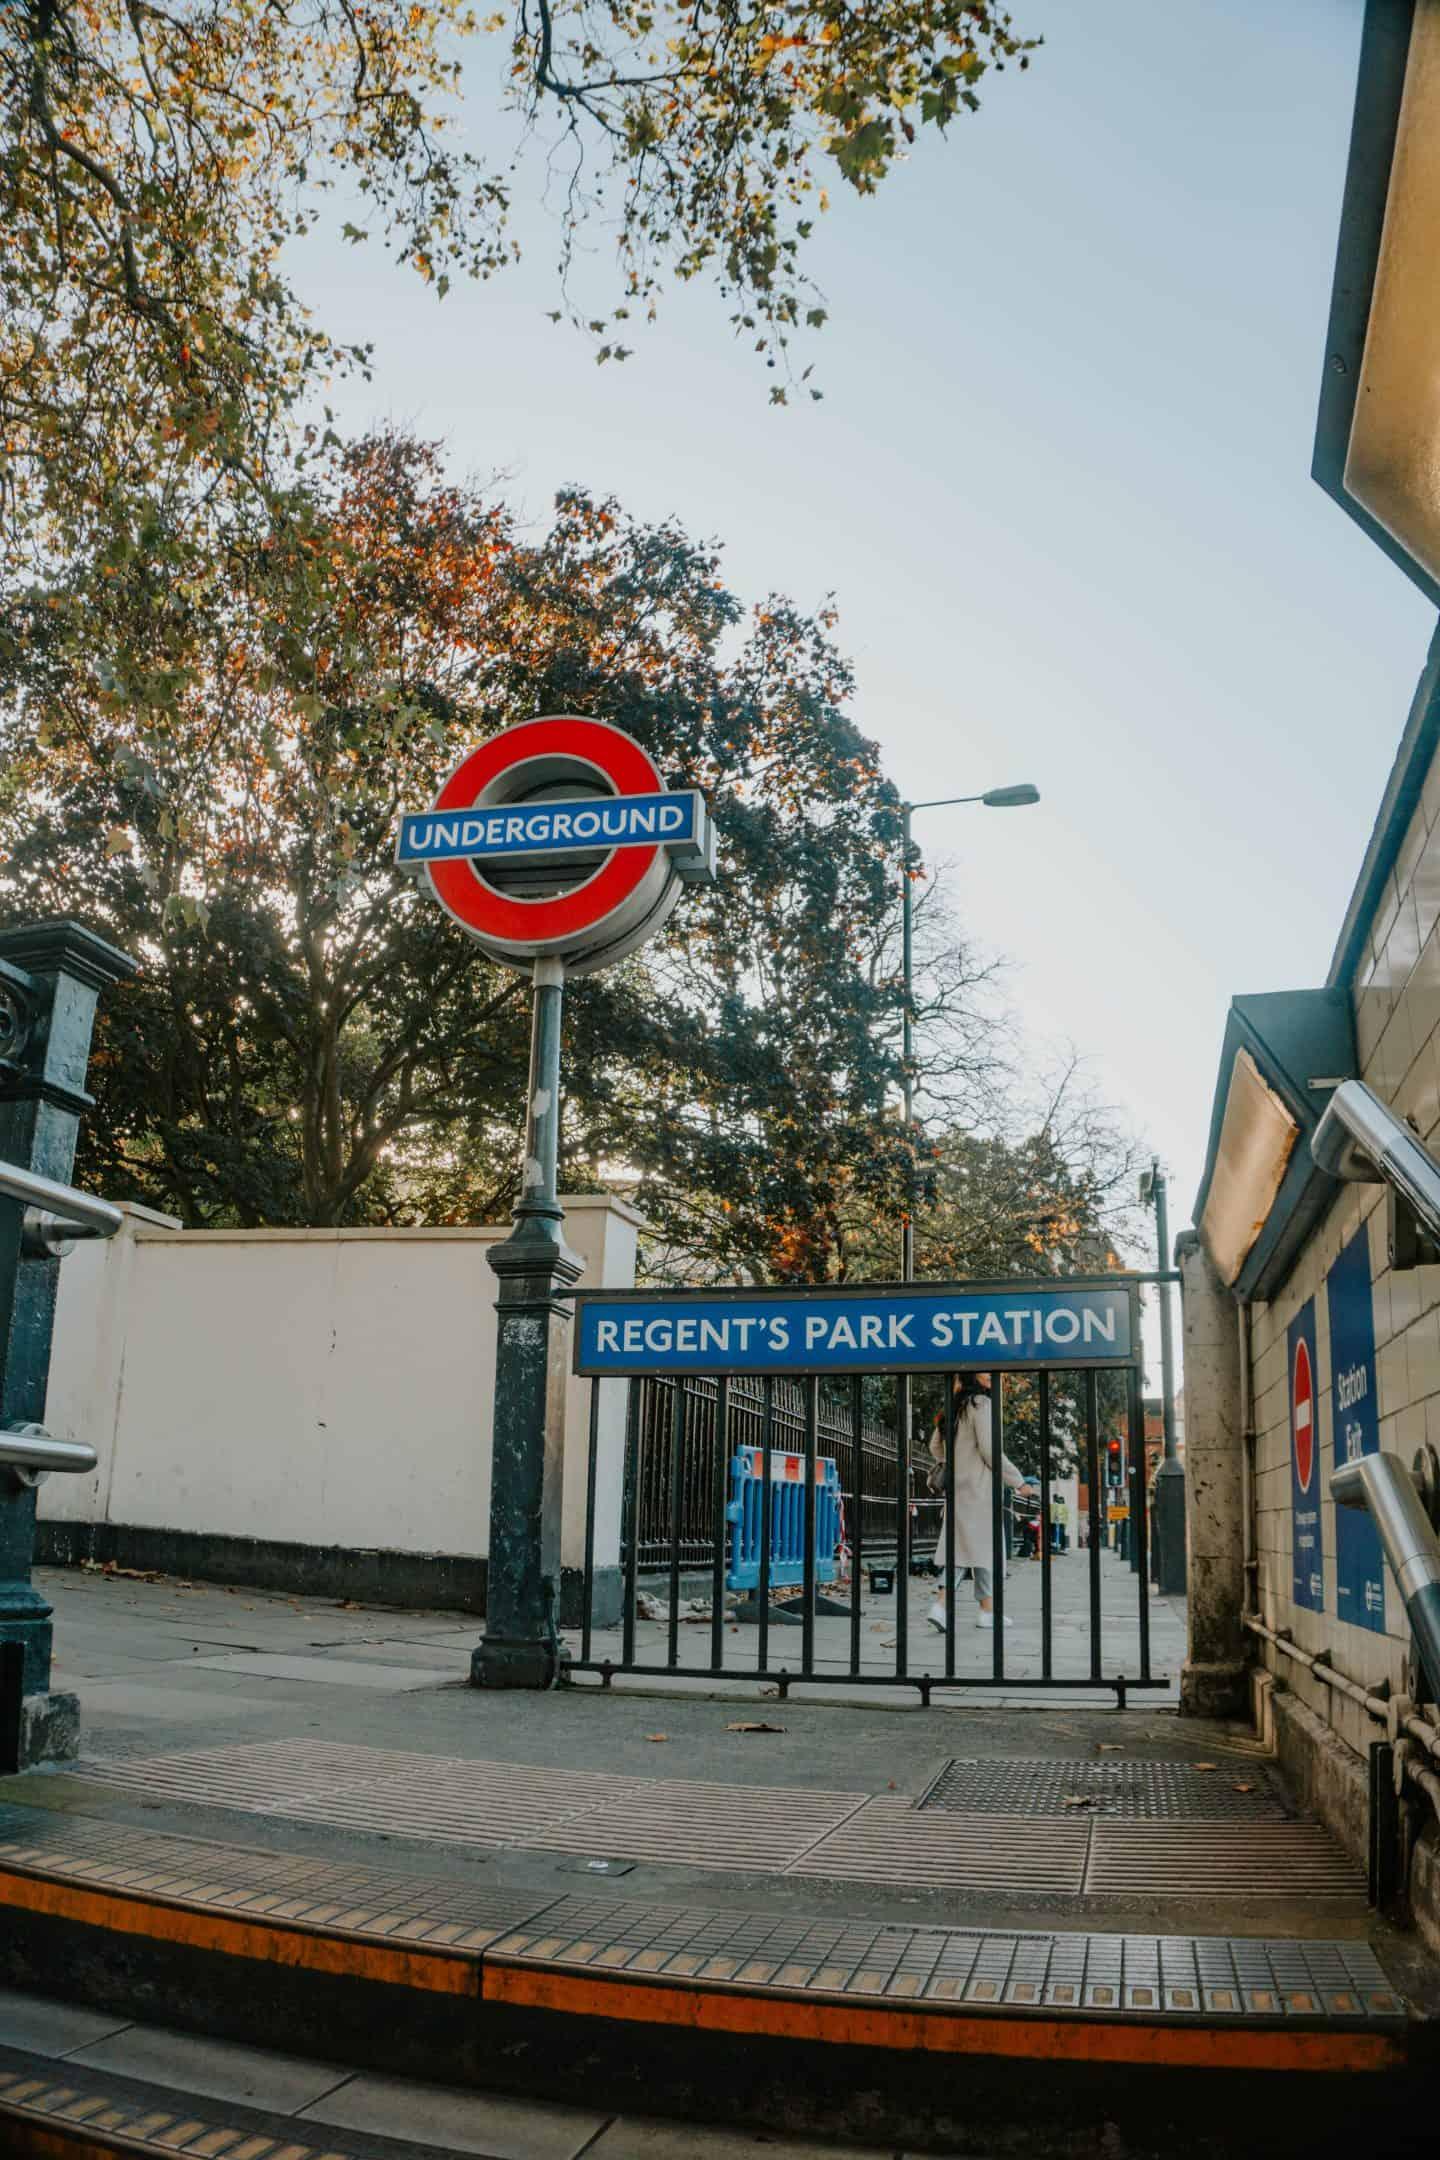 Regent's Park Station